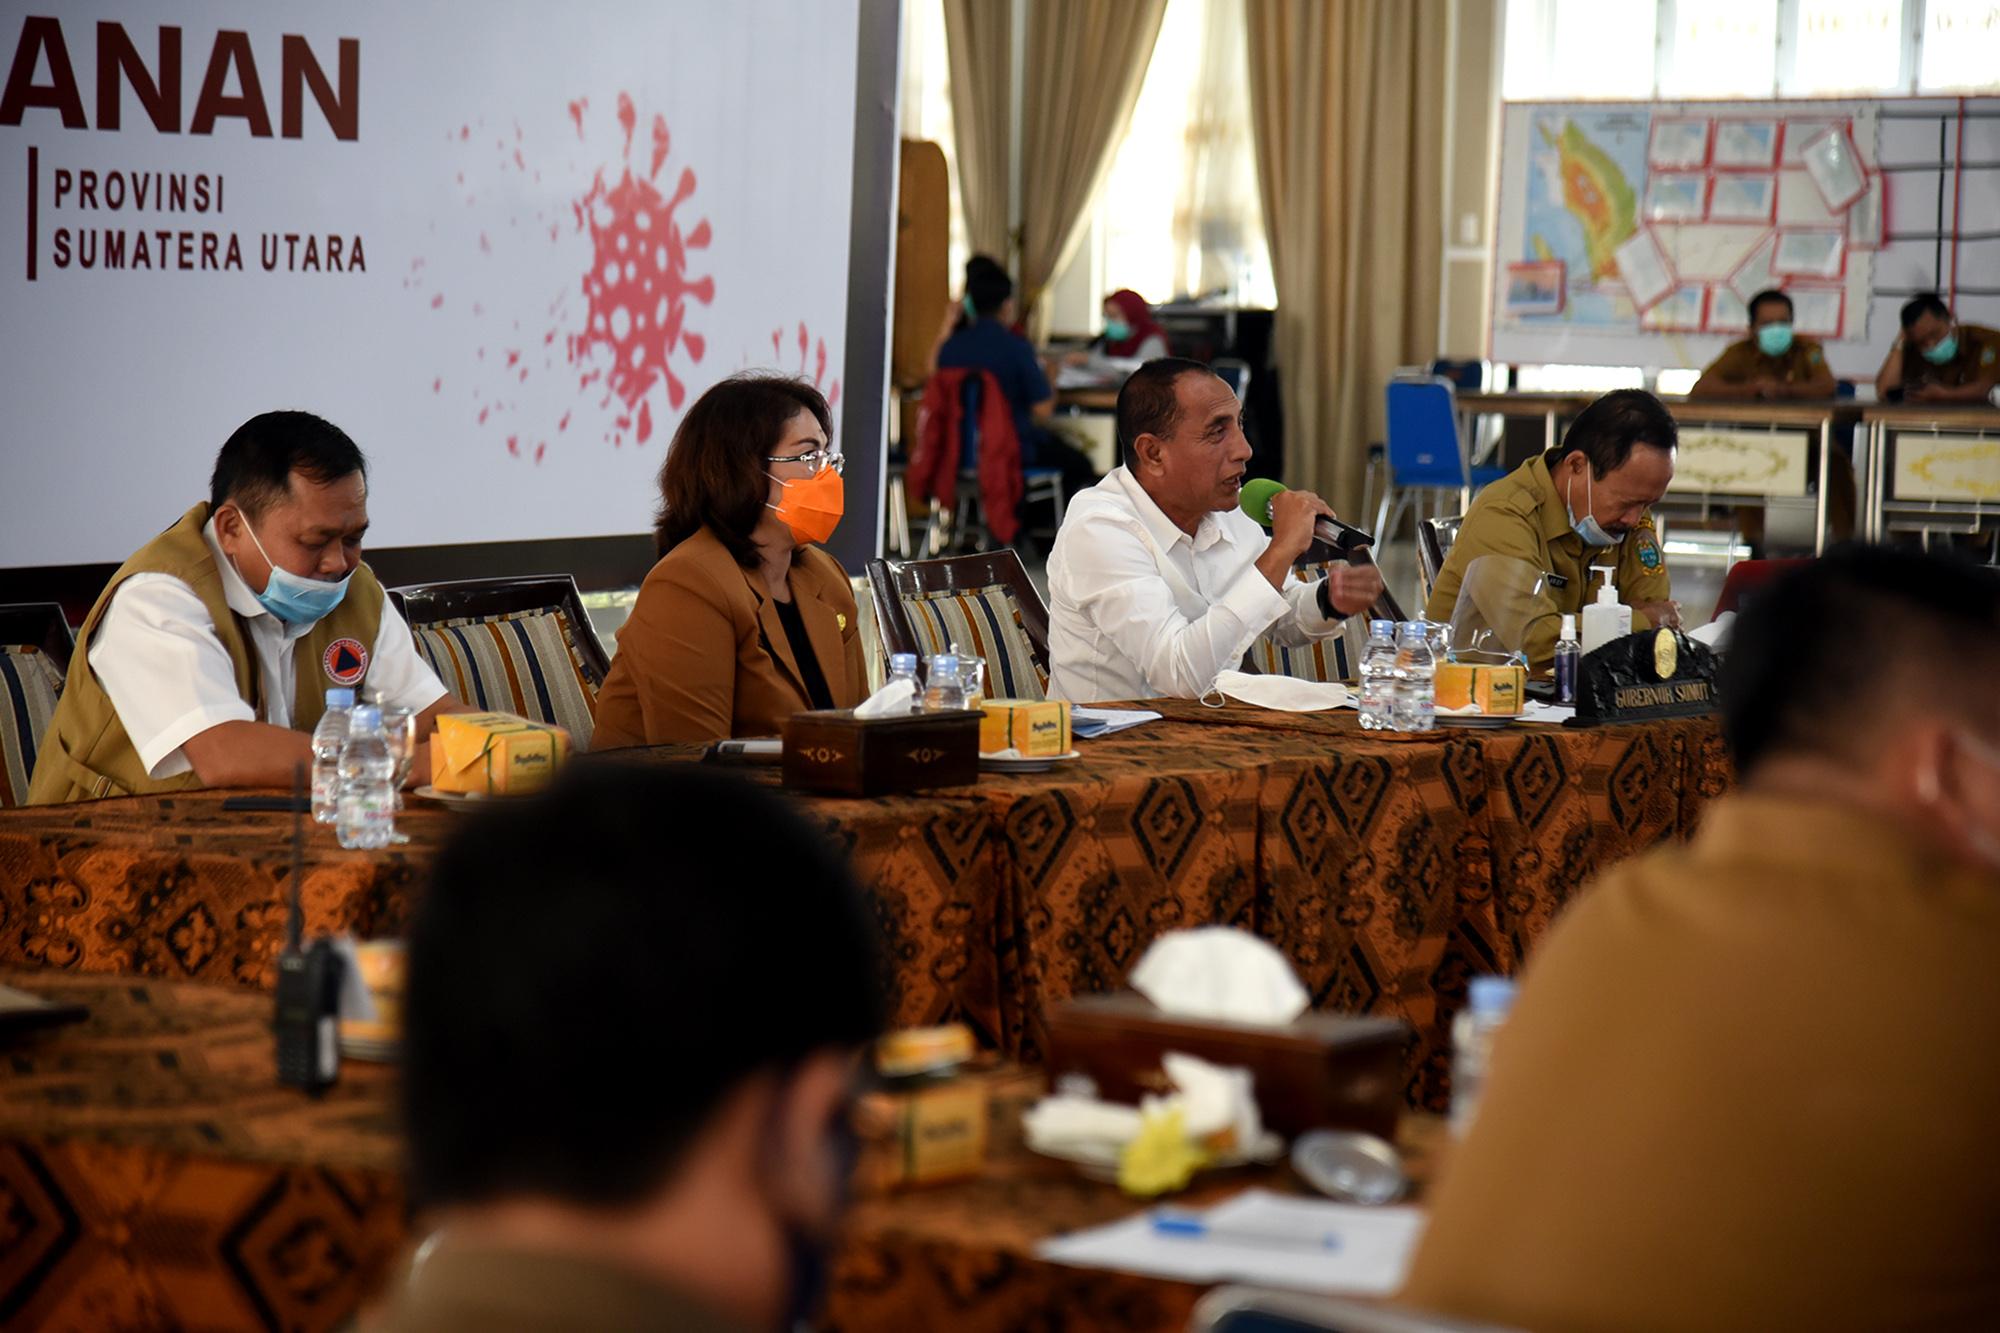 Gubernur Sumatera Utara Edy Rahmayadi didampingi OPD terkait mengikuti Rapat Dengar Pendapat Umum (RDPU) Panitia Kerja Pemulihan Pariwisata Komisi X DPR RI melalui Aplikasi Zoom. Foto: Biro Humas Setdaprovsu/ Fahmi Aulia